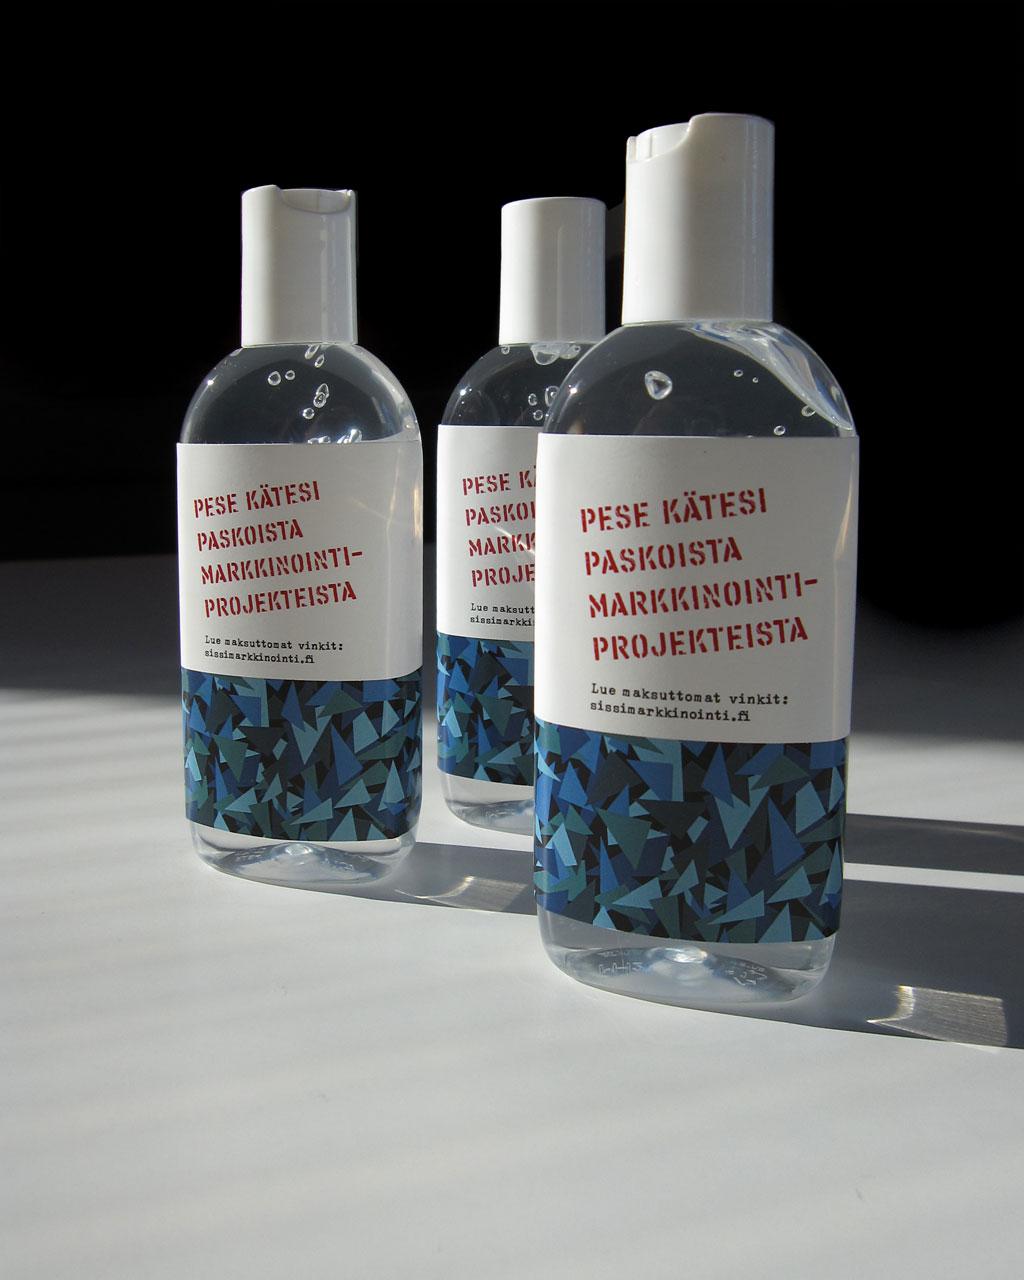 Sissihuuhteella peset kätesi paskoista markkinointiprojekteista